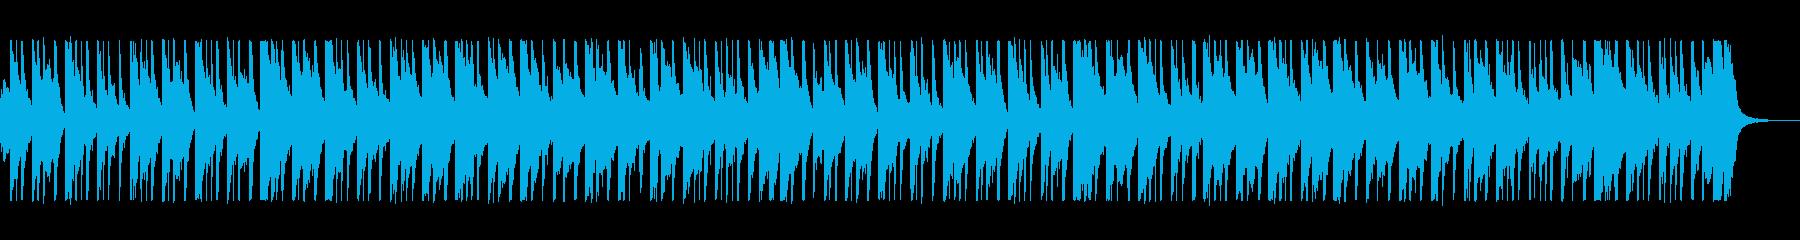 ほのぼの優しい和風日常曲・三味線尺八箏の再生済みの波形